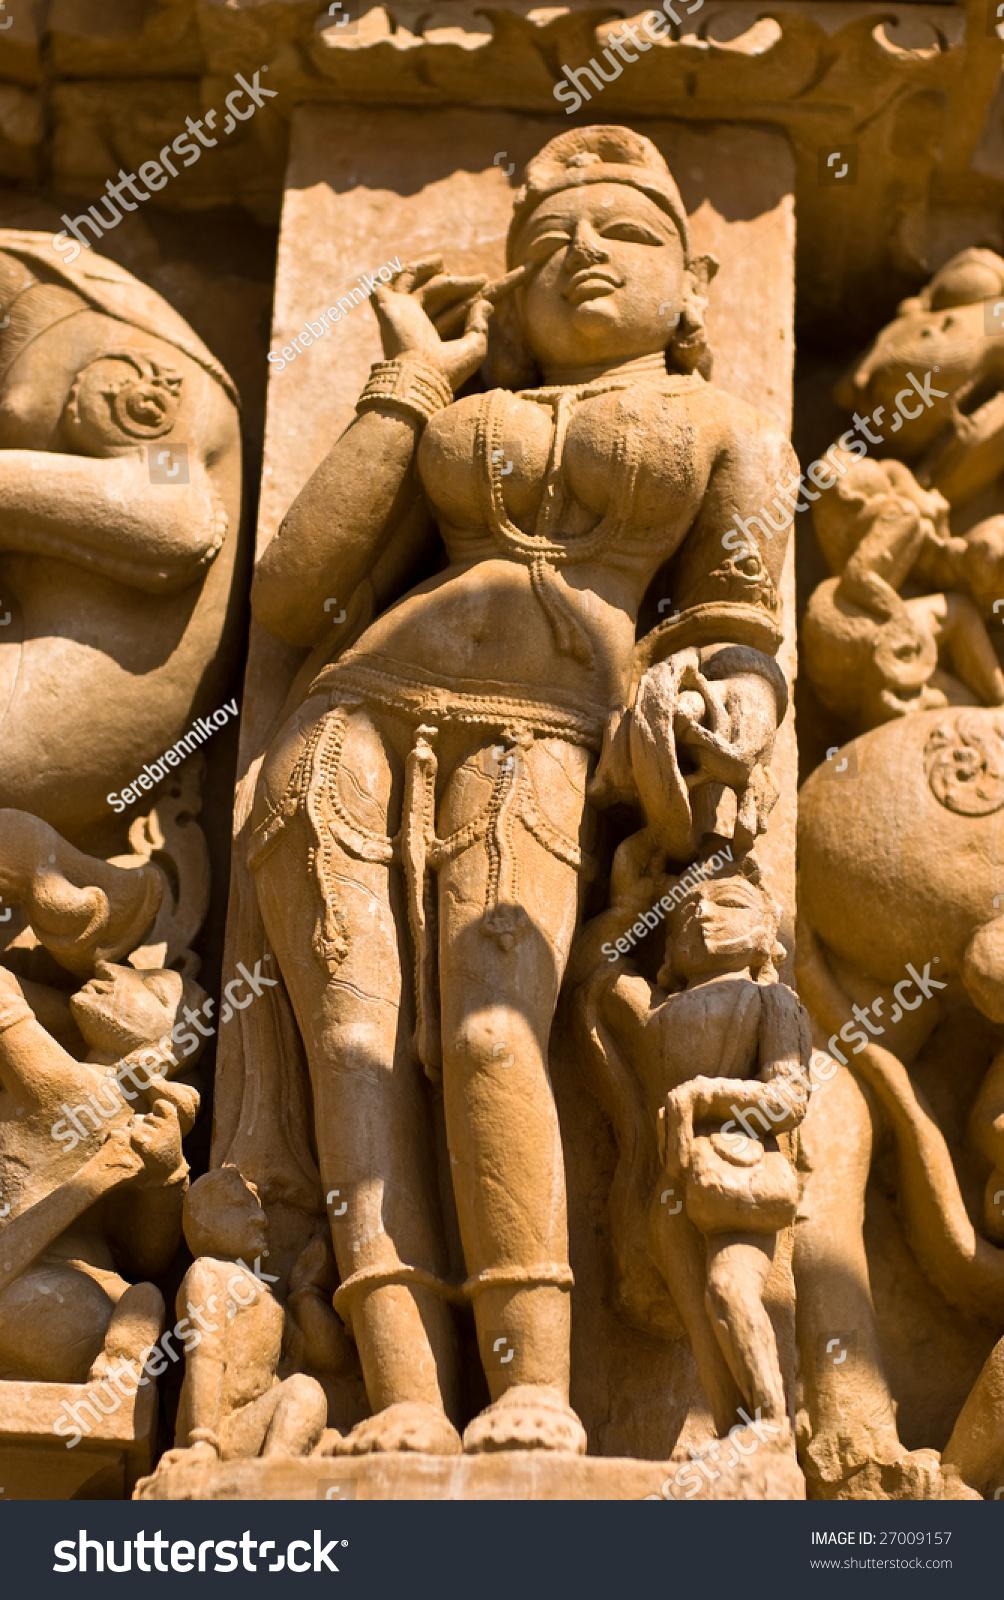 khajuraho sculptures high resolution